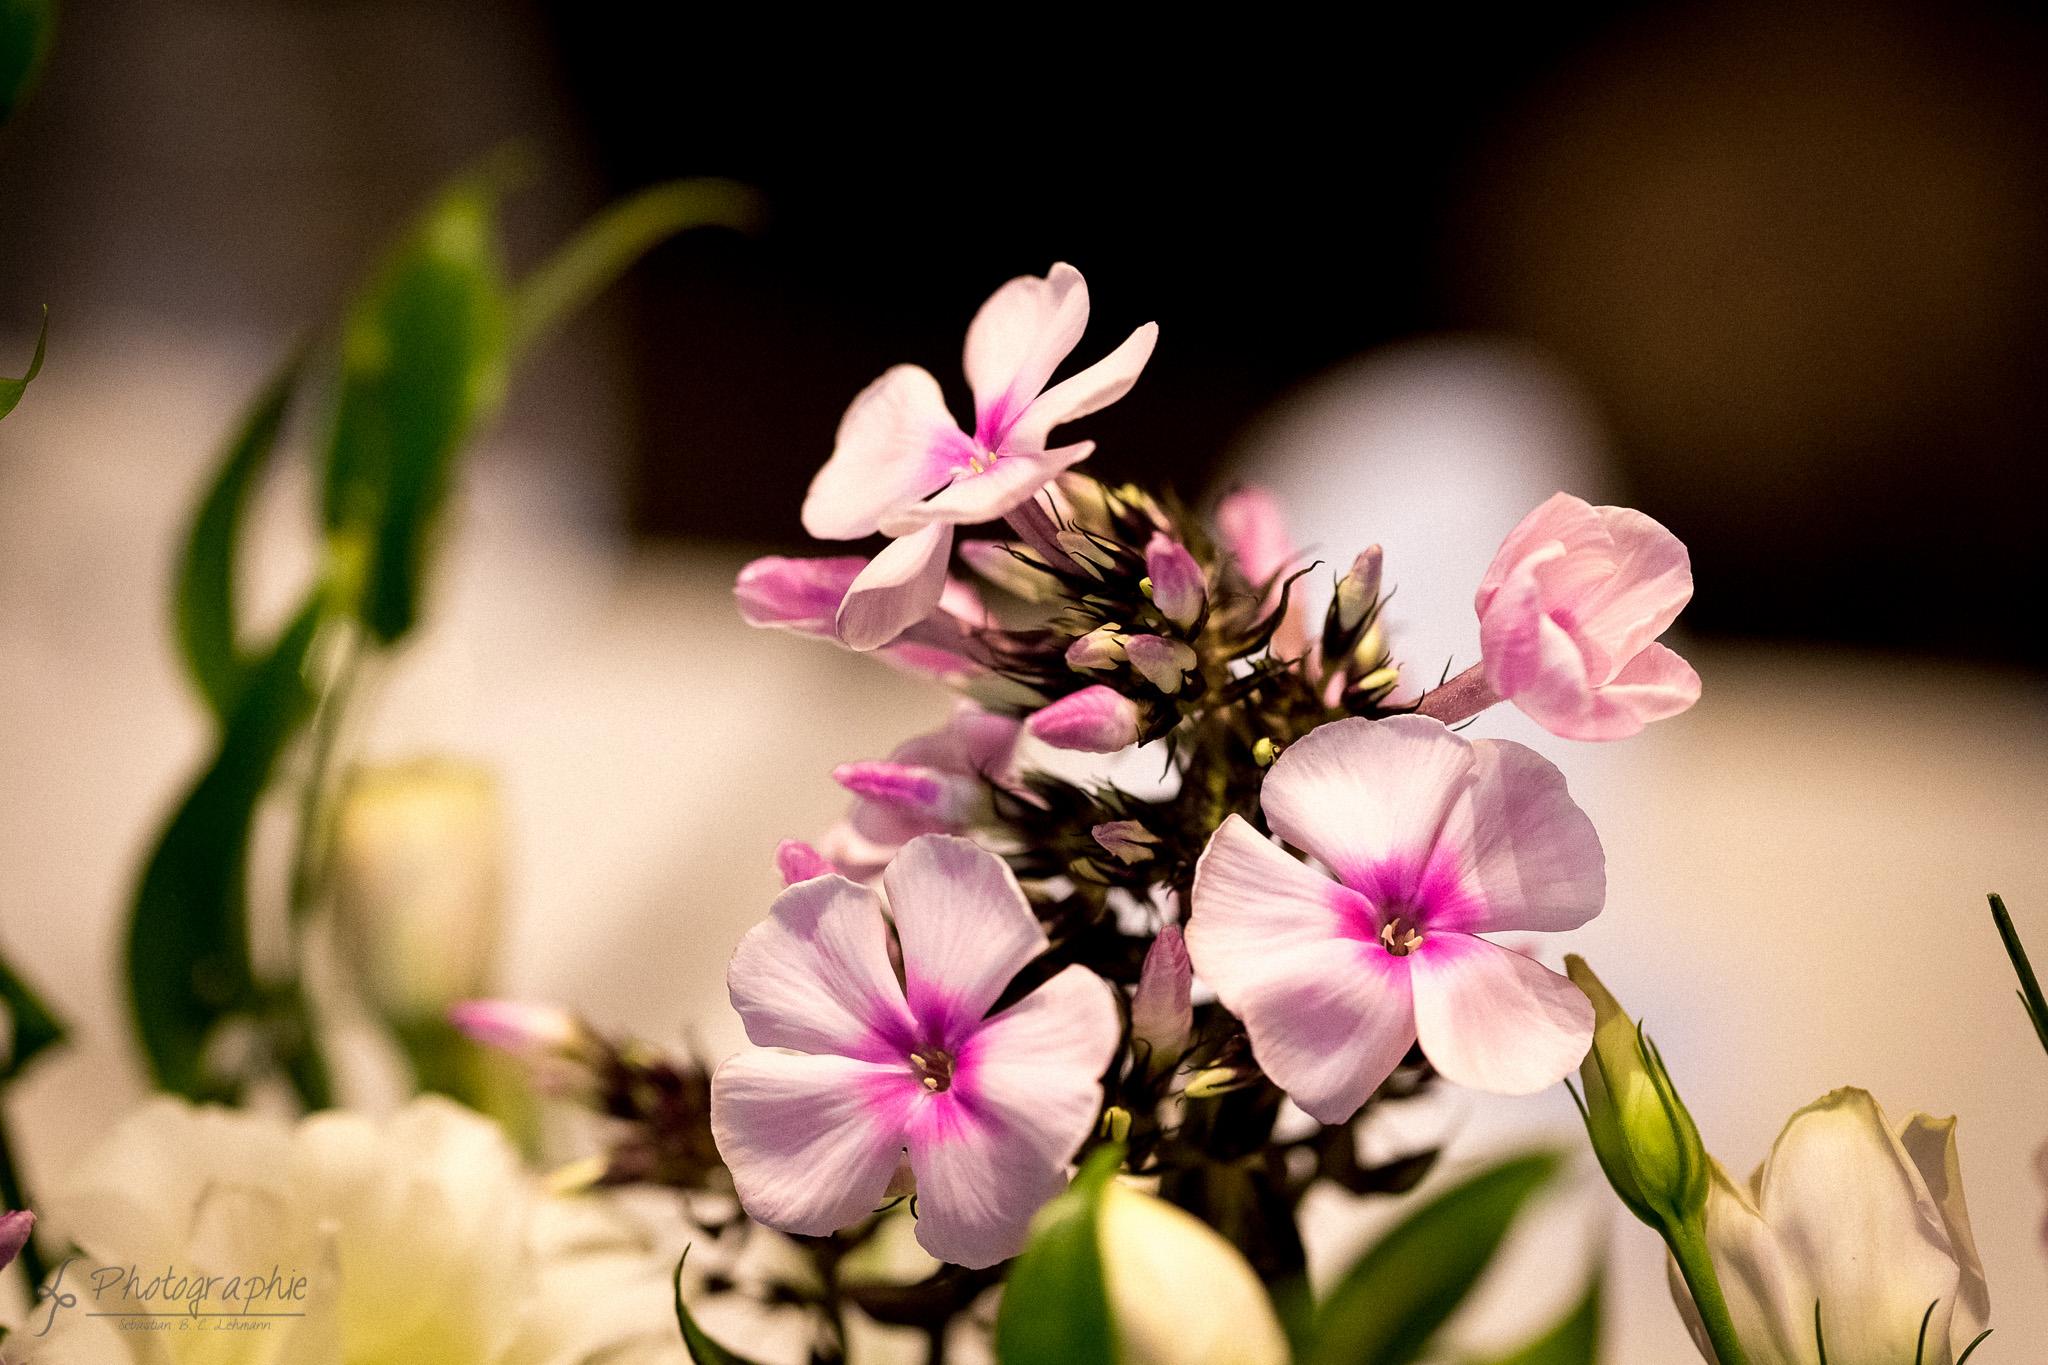 Fotograf-Dueren-Produktfotografie-Blume-1